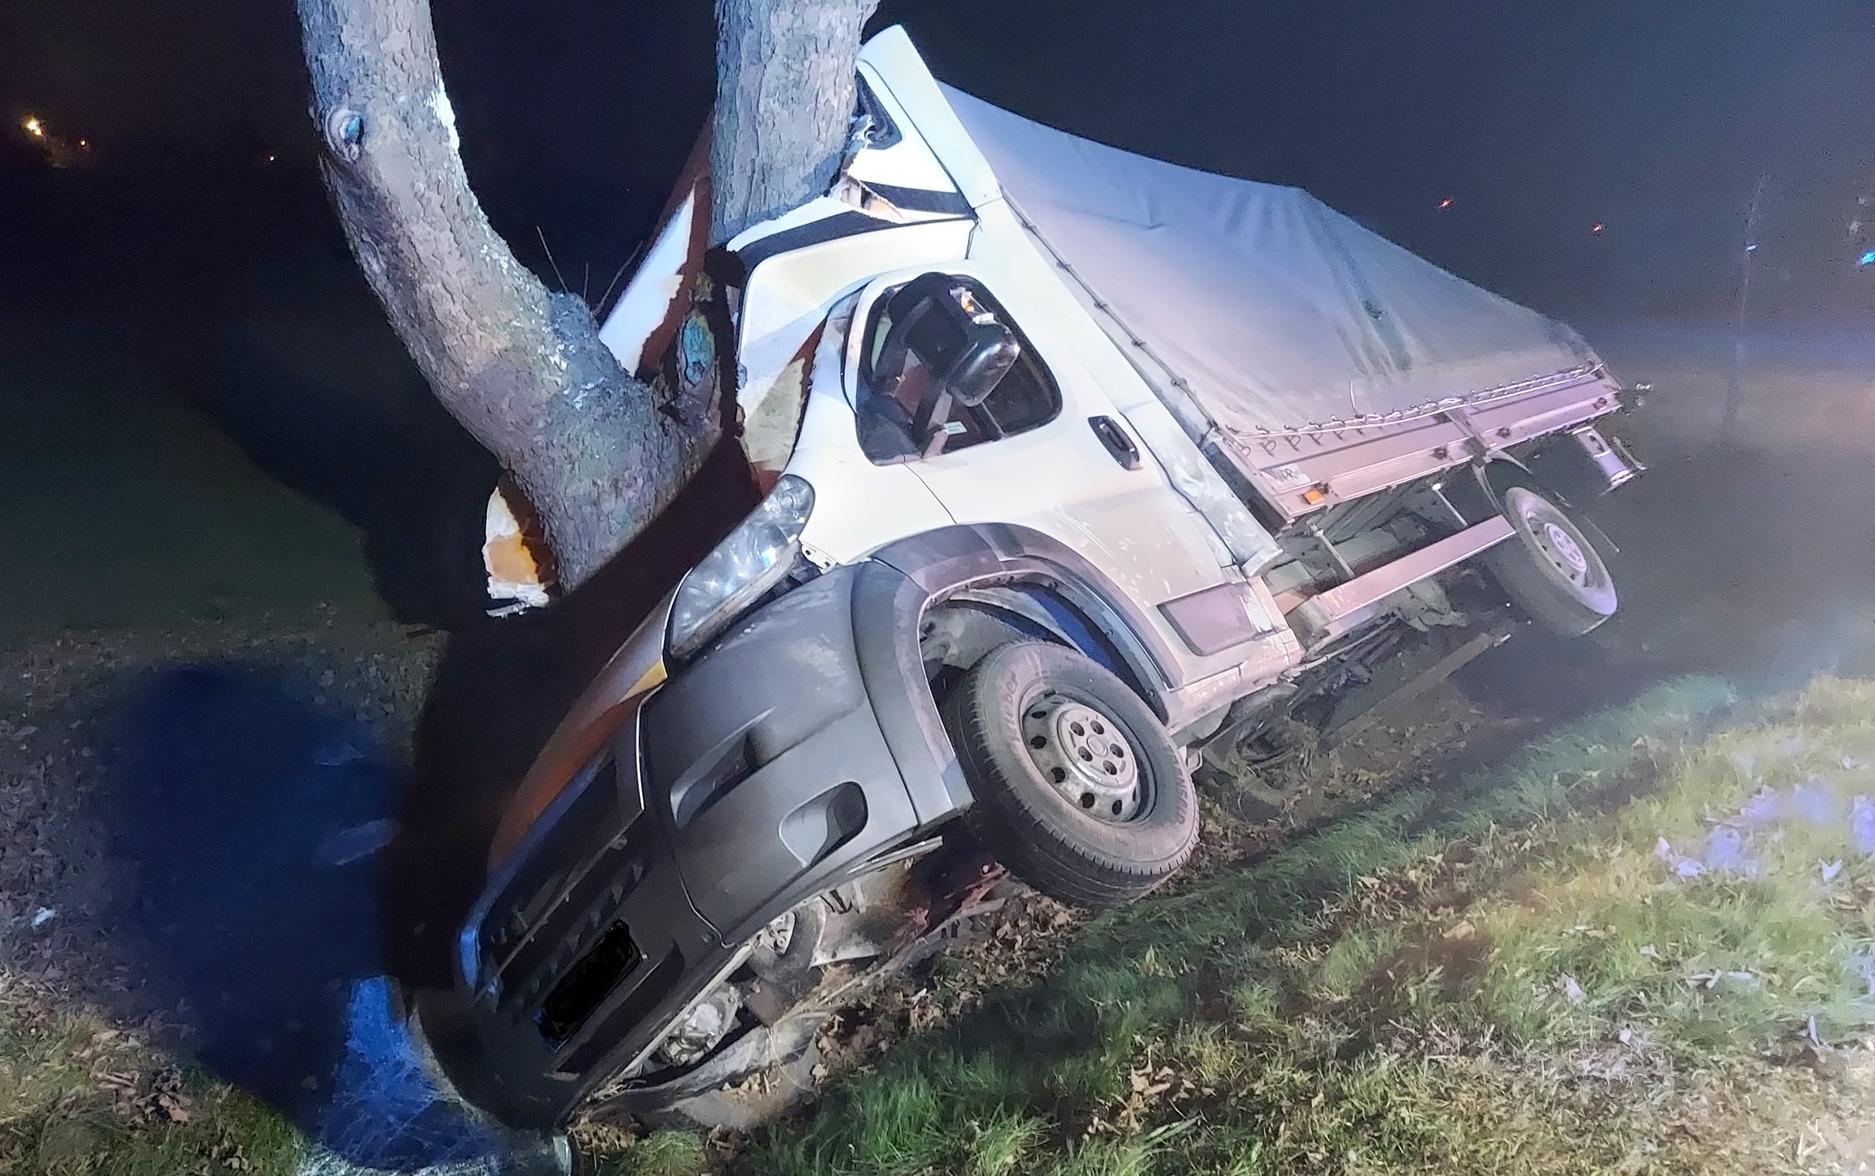 Groza na DK 10. Samochód wbił się w drzewo - Zdjęcie główne